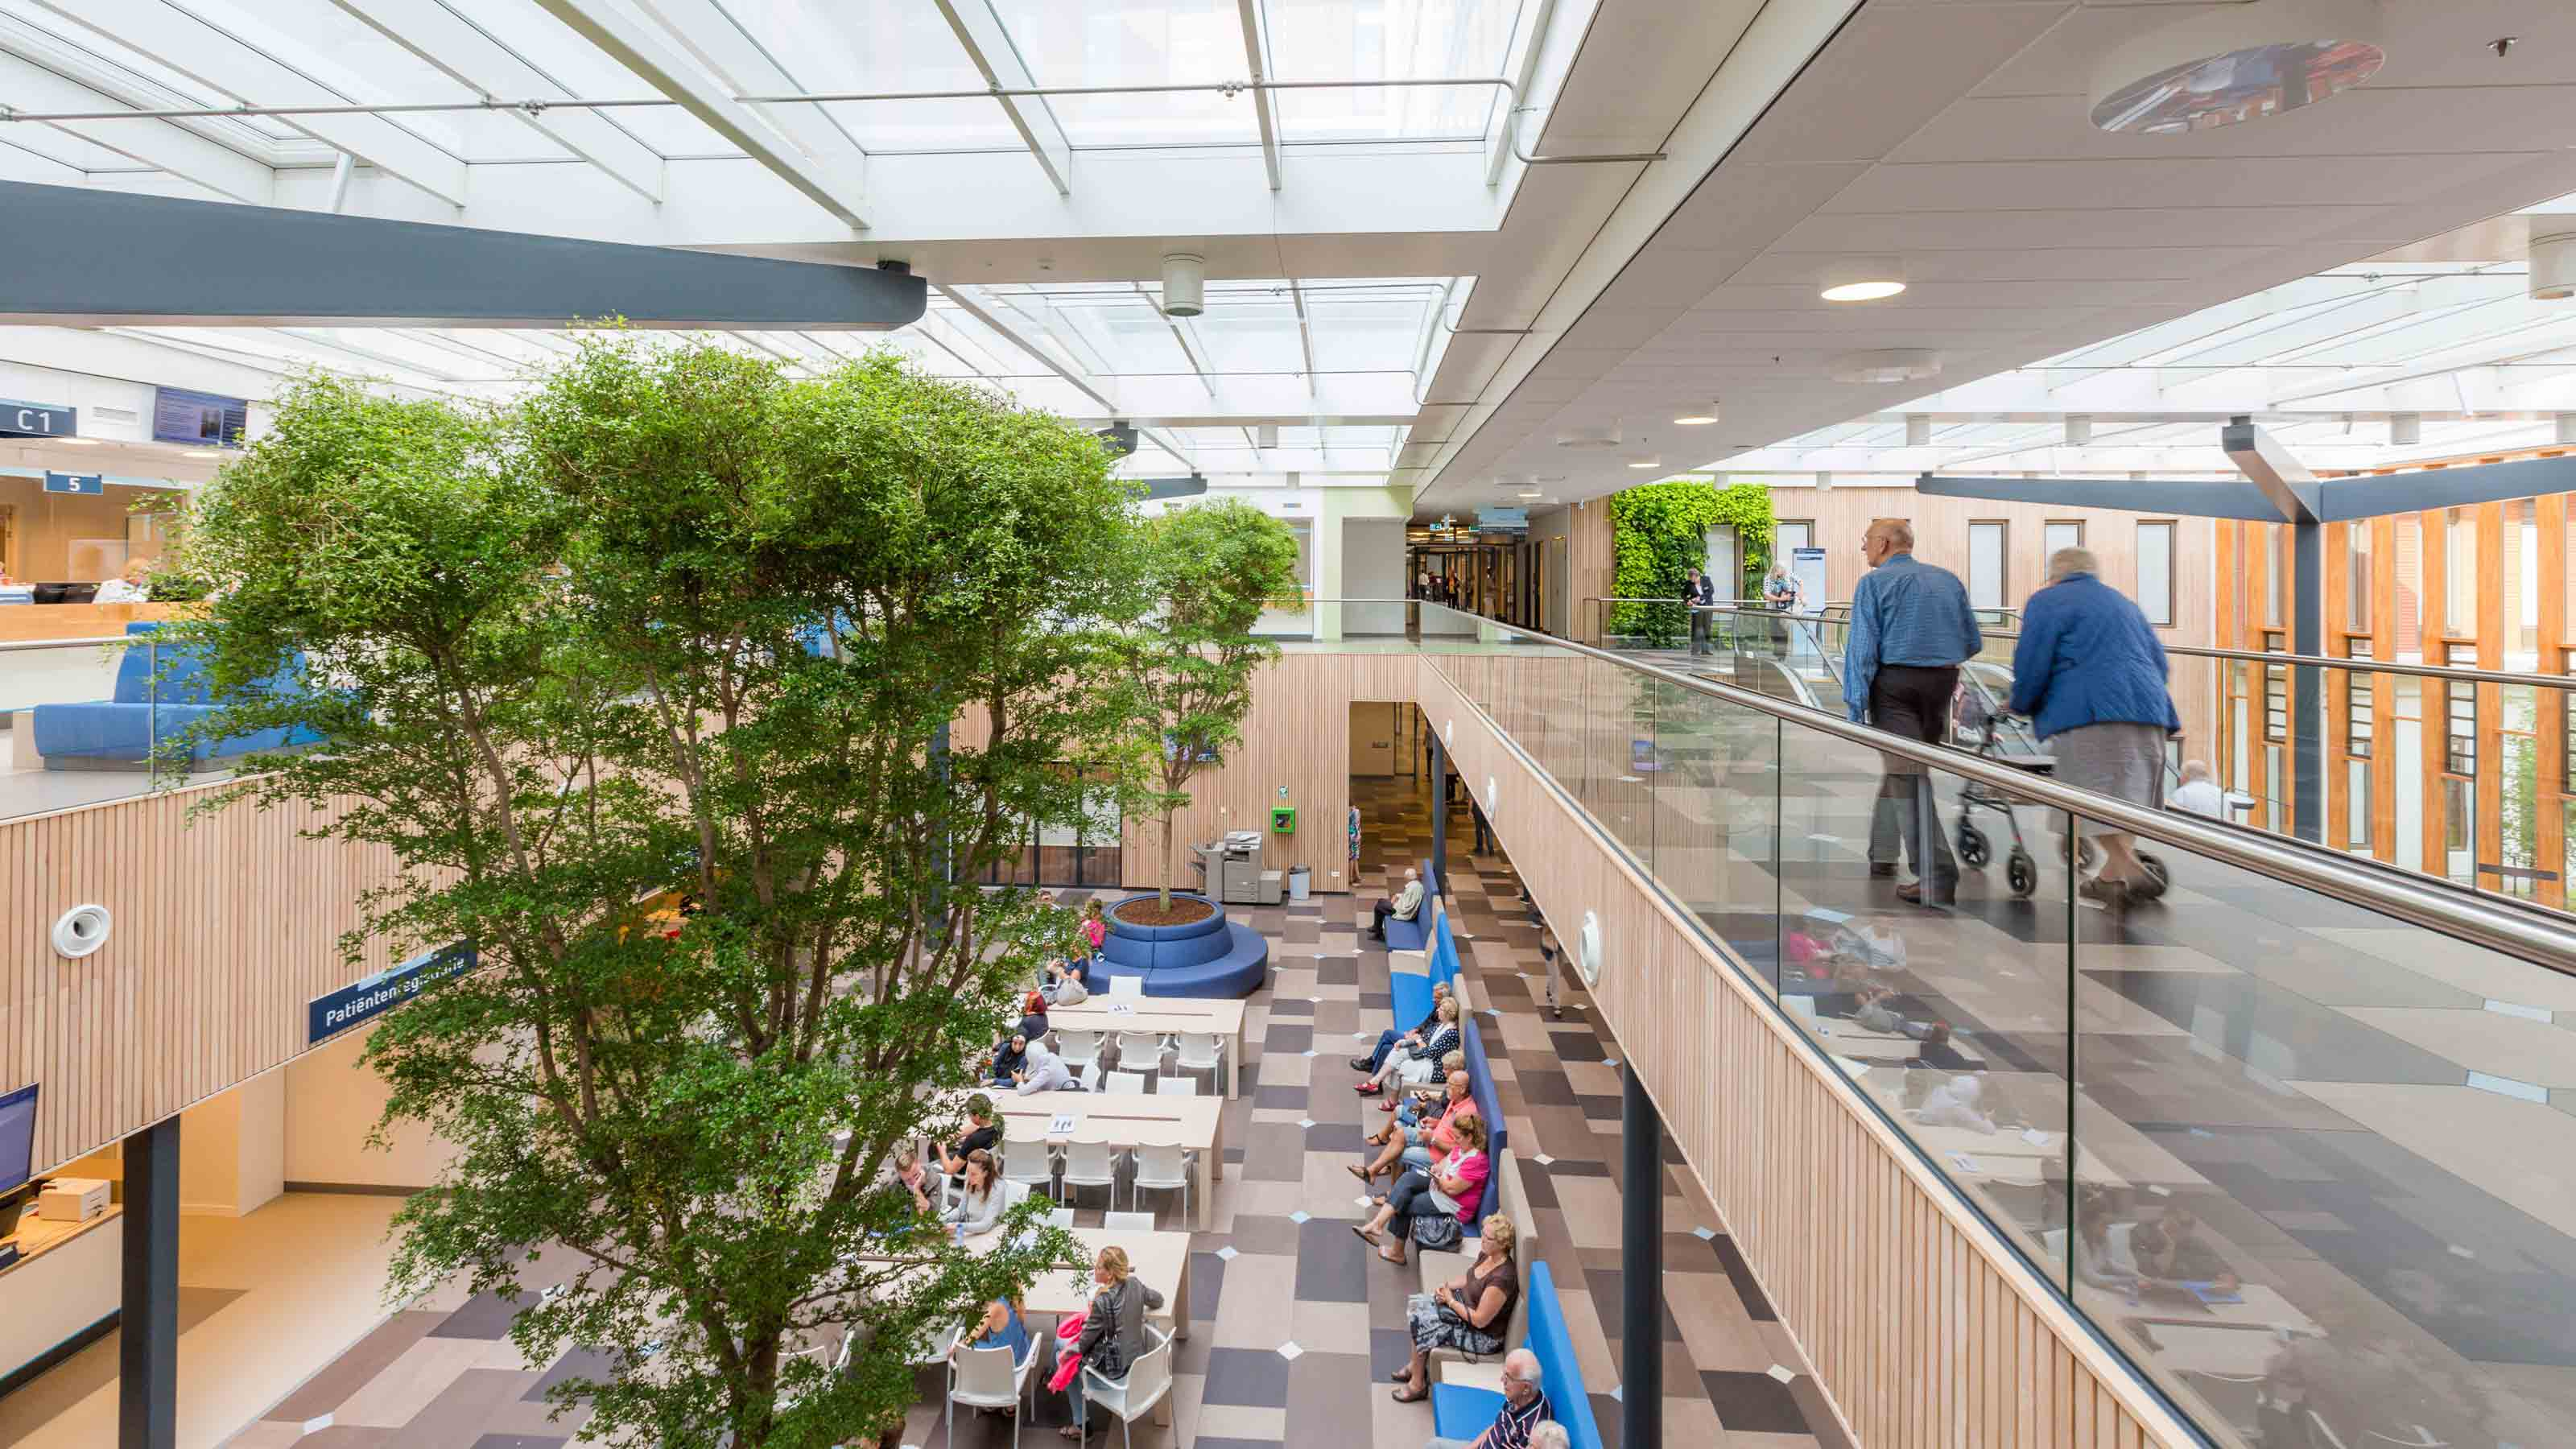 https://www.egm.nl/public/uploads/Reinier-de-Graaf-Gasthuis-centrale-hal-afbeelding1.jpg